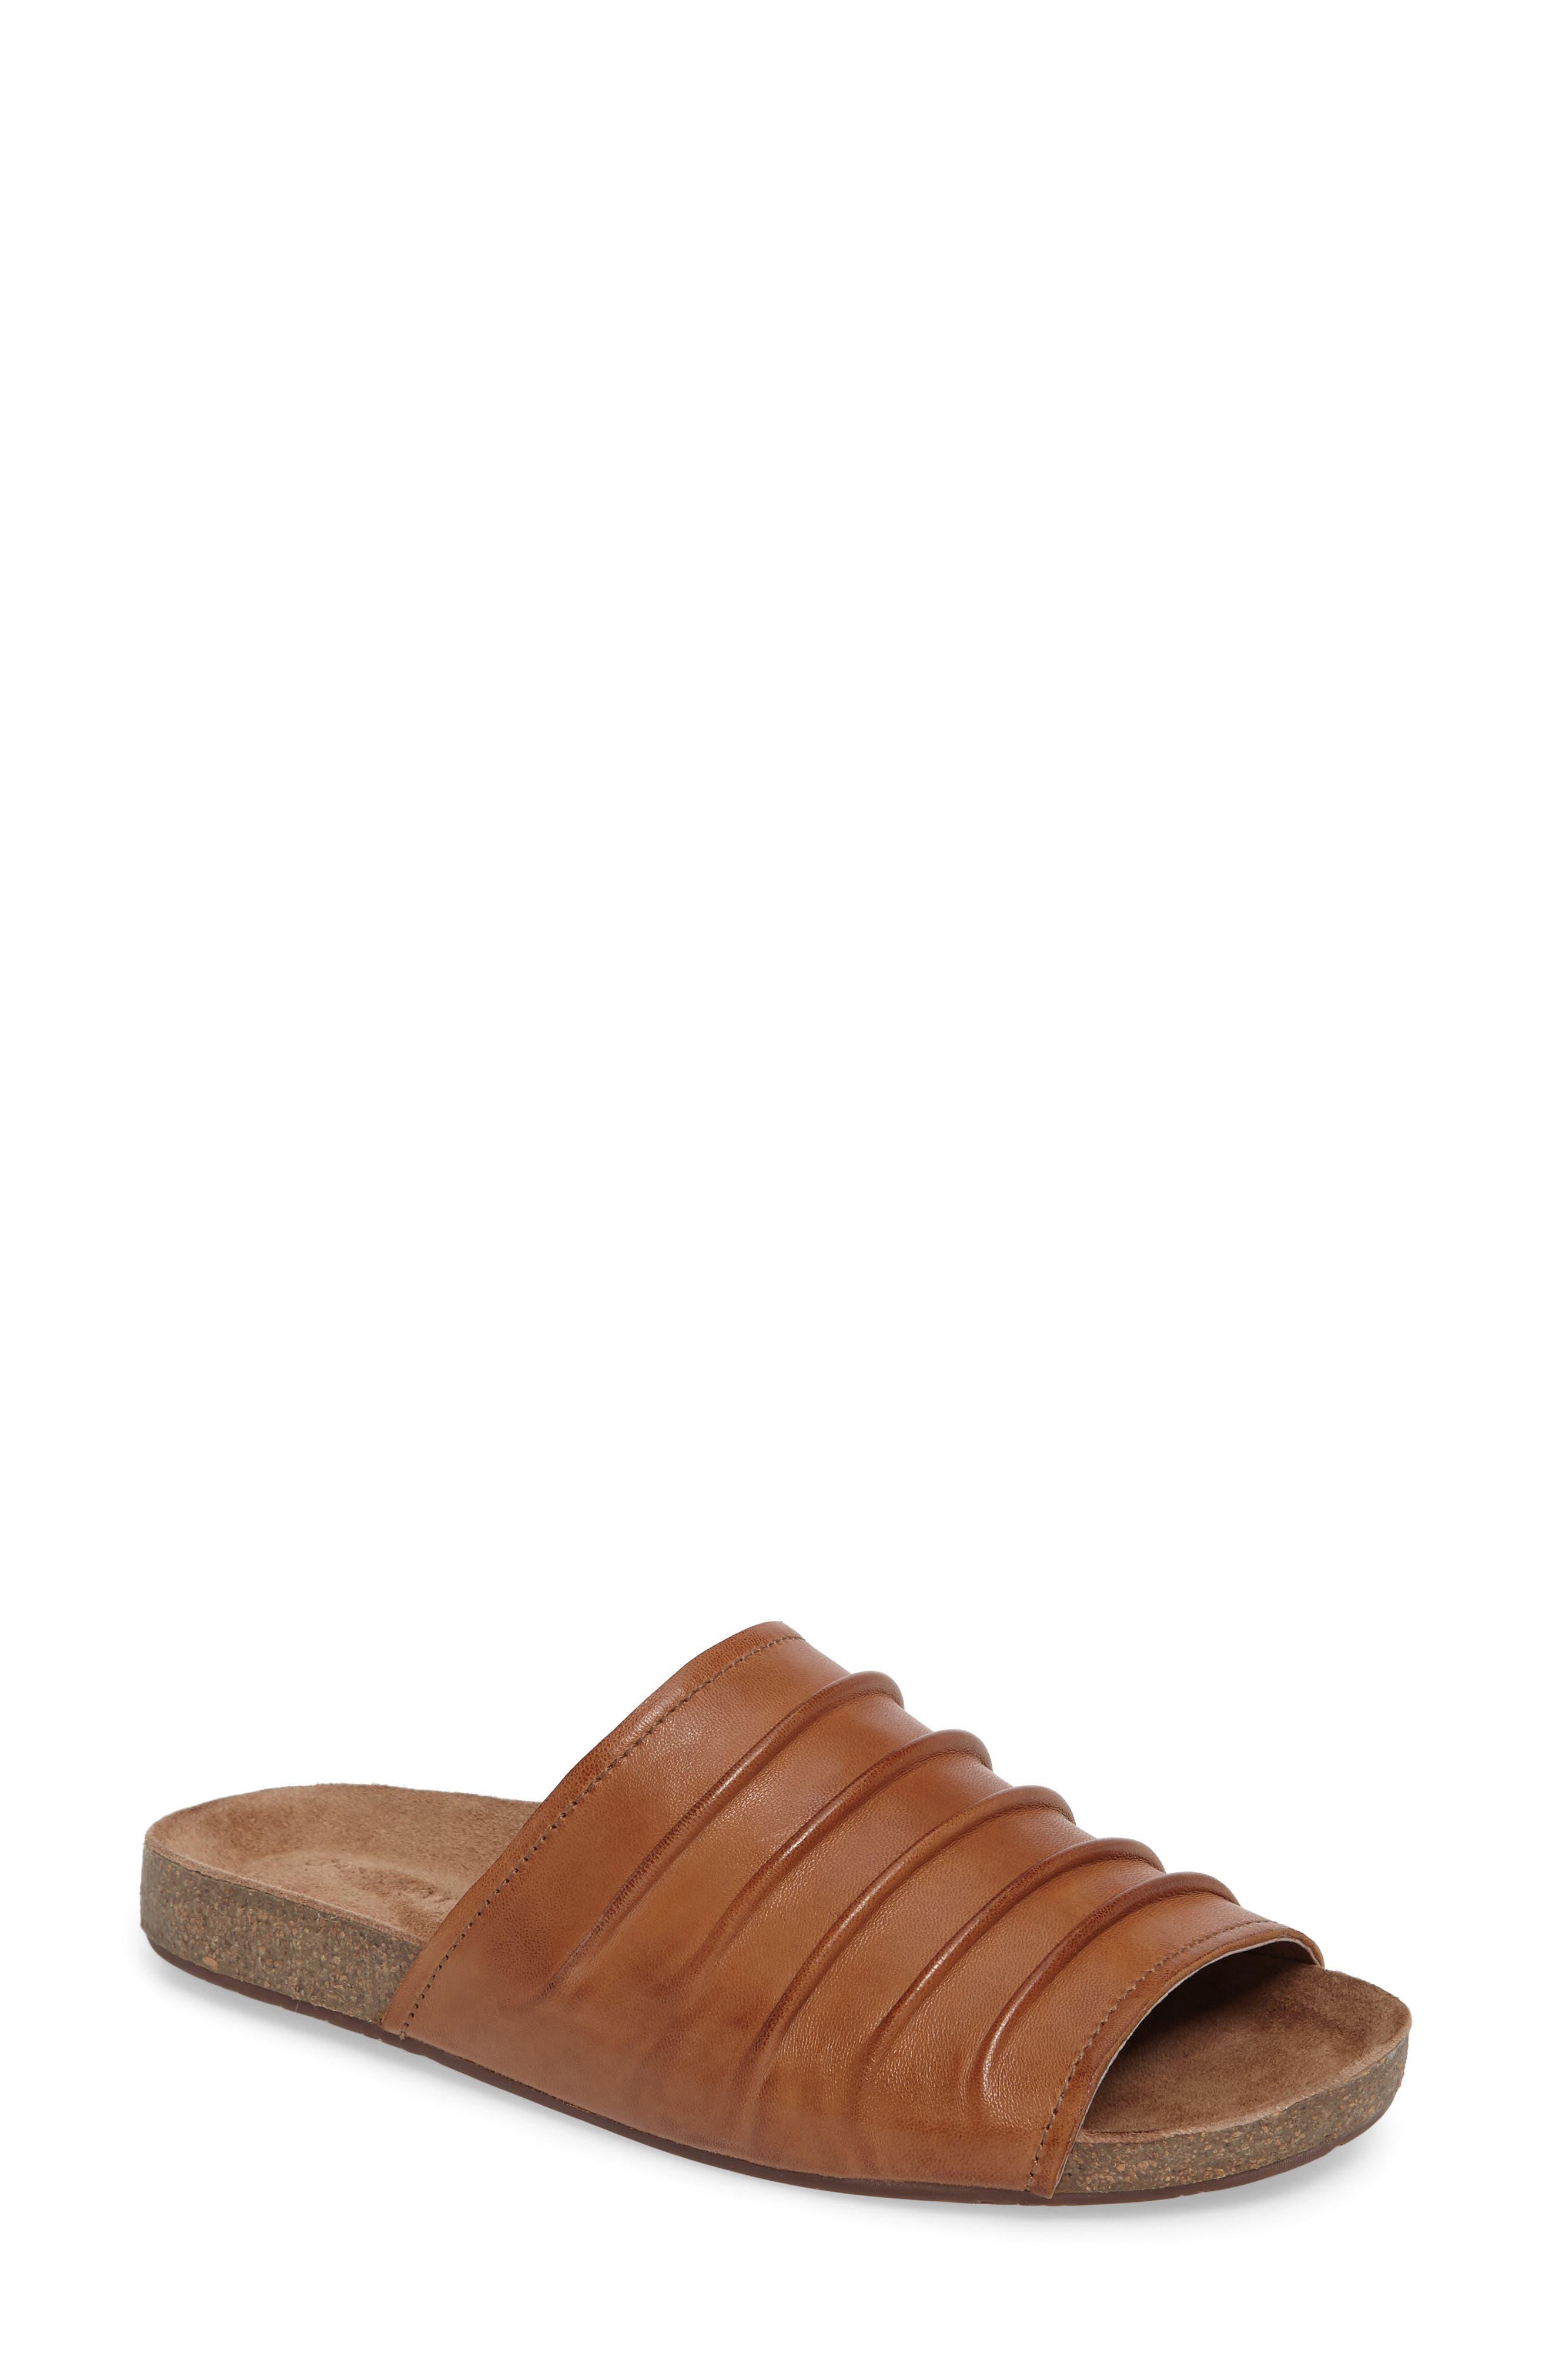 Chocolat Blu Slide Sandal, Brown